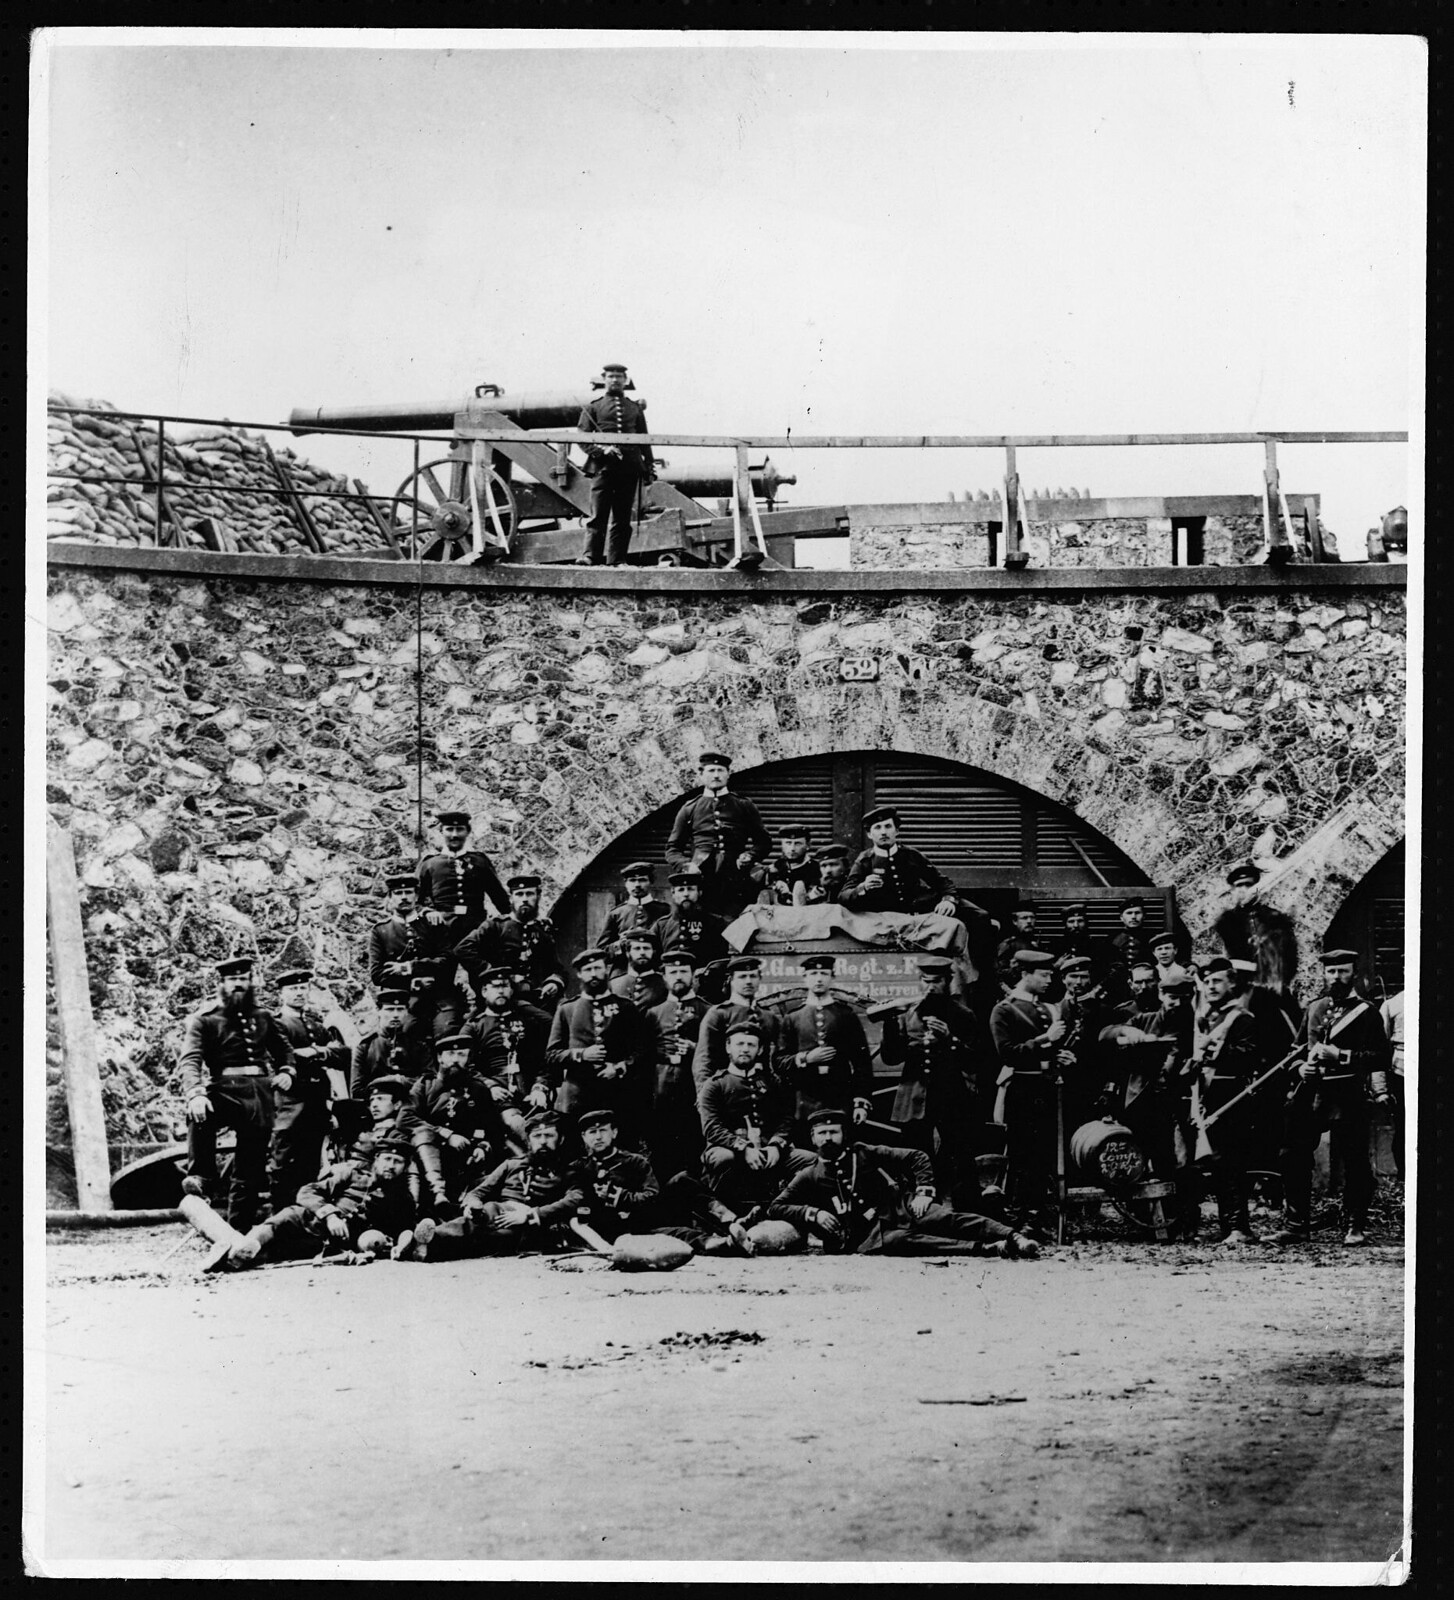 05. 1870. Группа прусских солдат в Фор-д'Обервилье